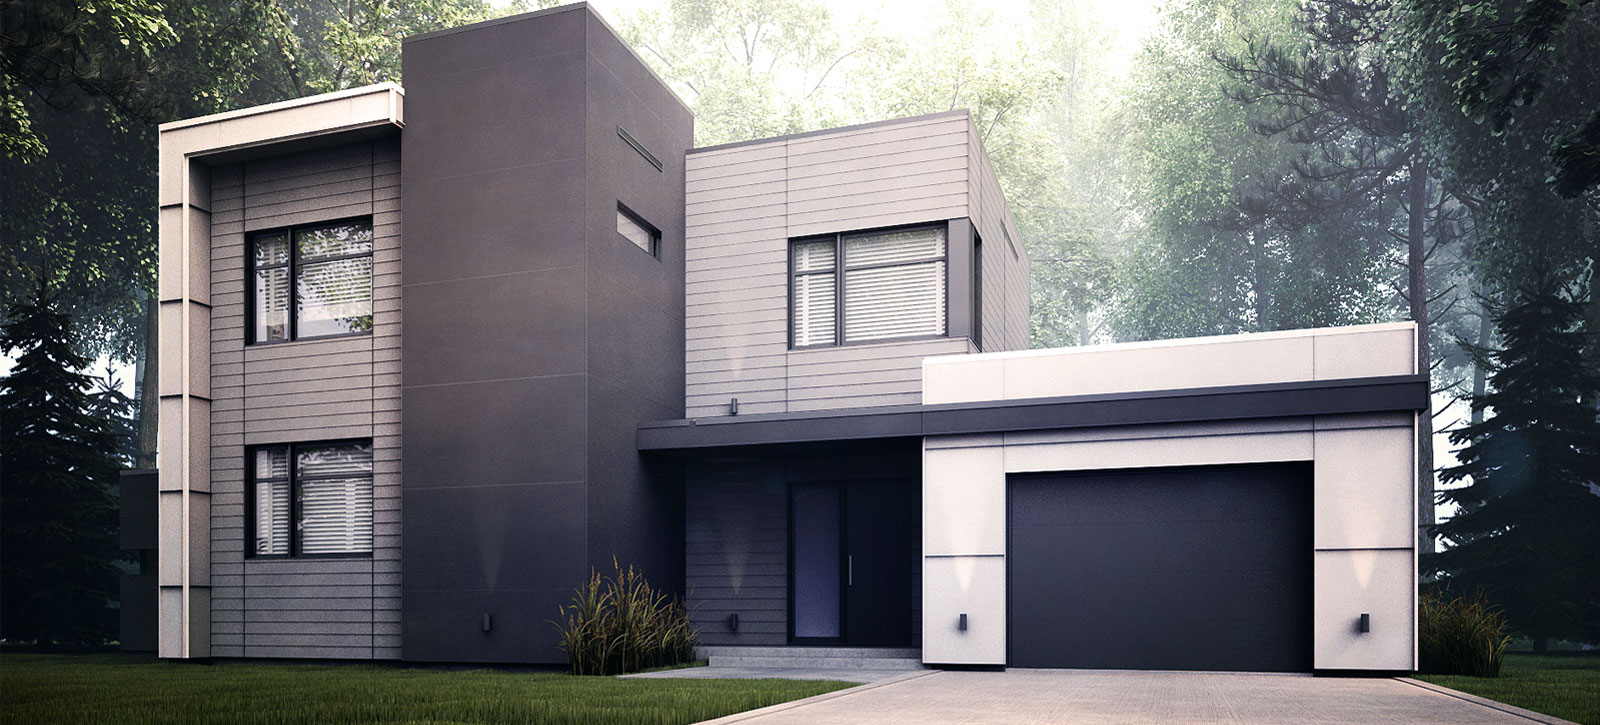 Projet maison service aux projet albatros homes zone c for Projet maison contemporaine